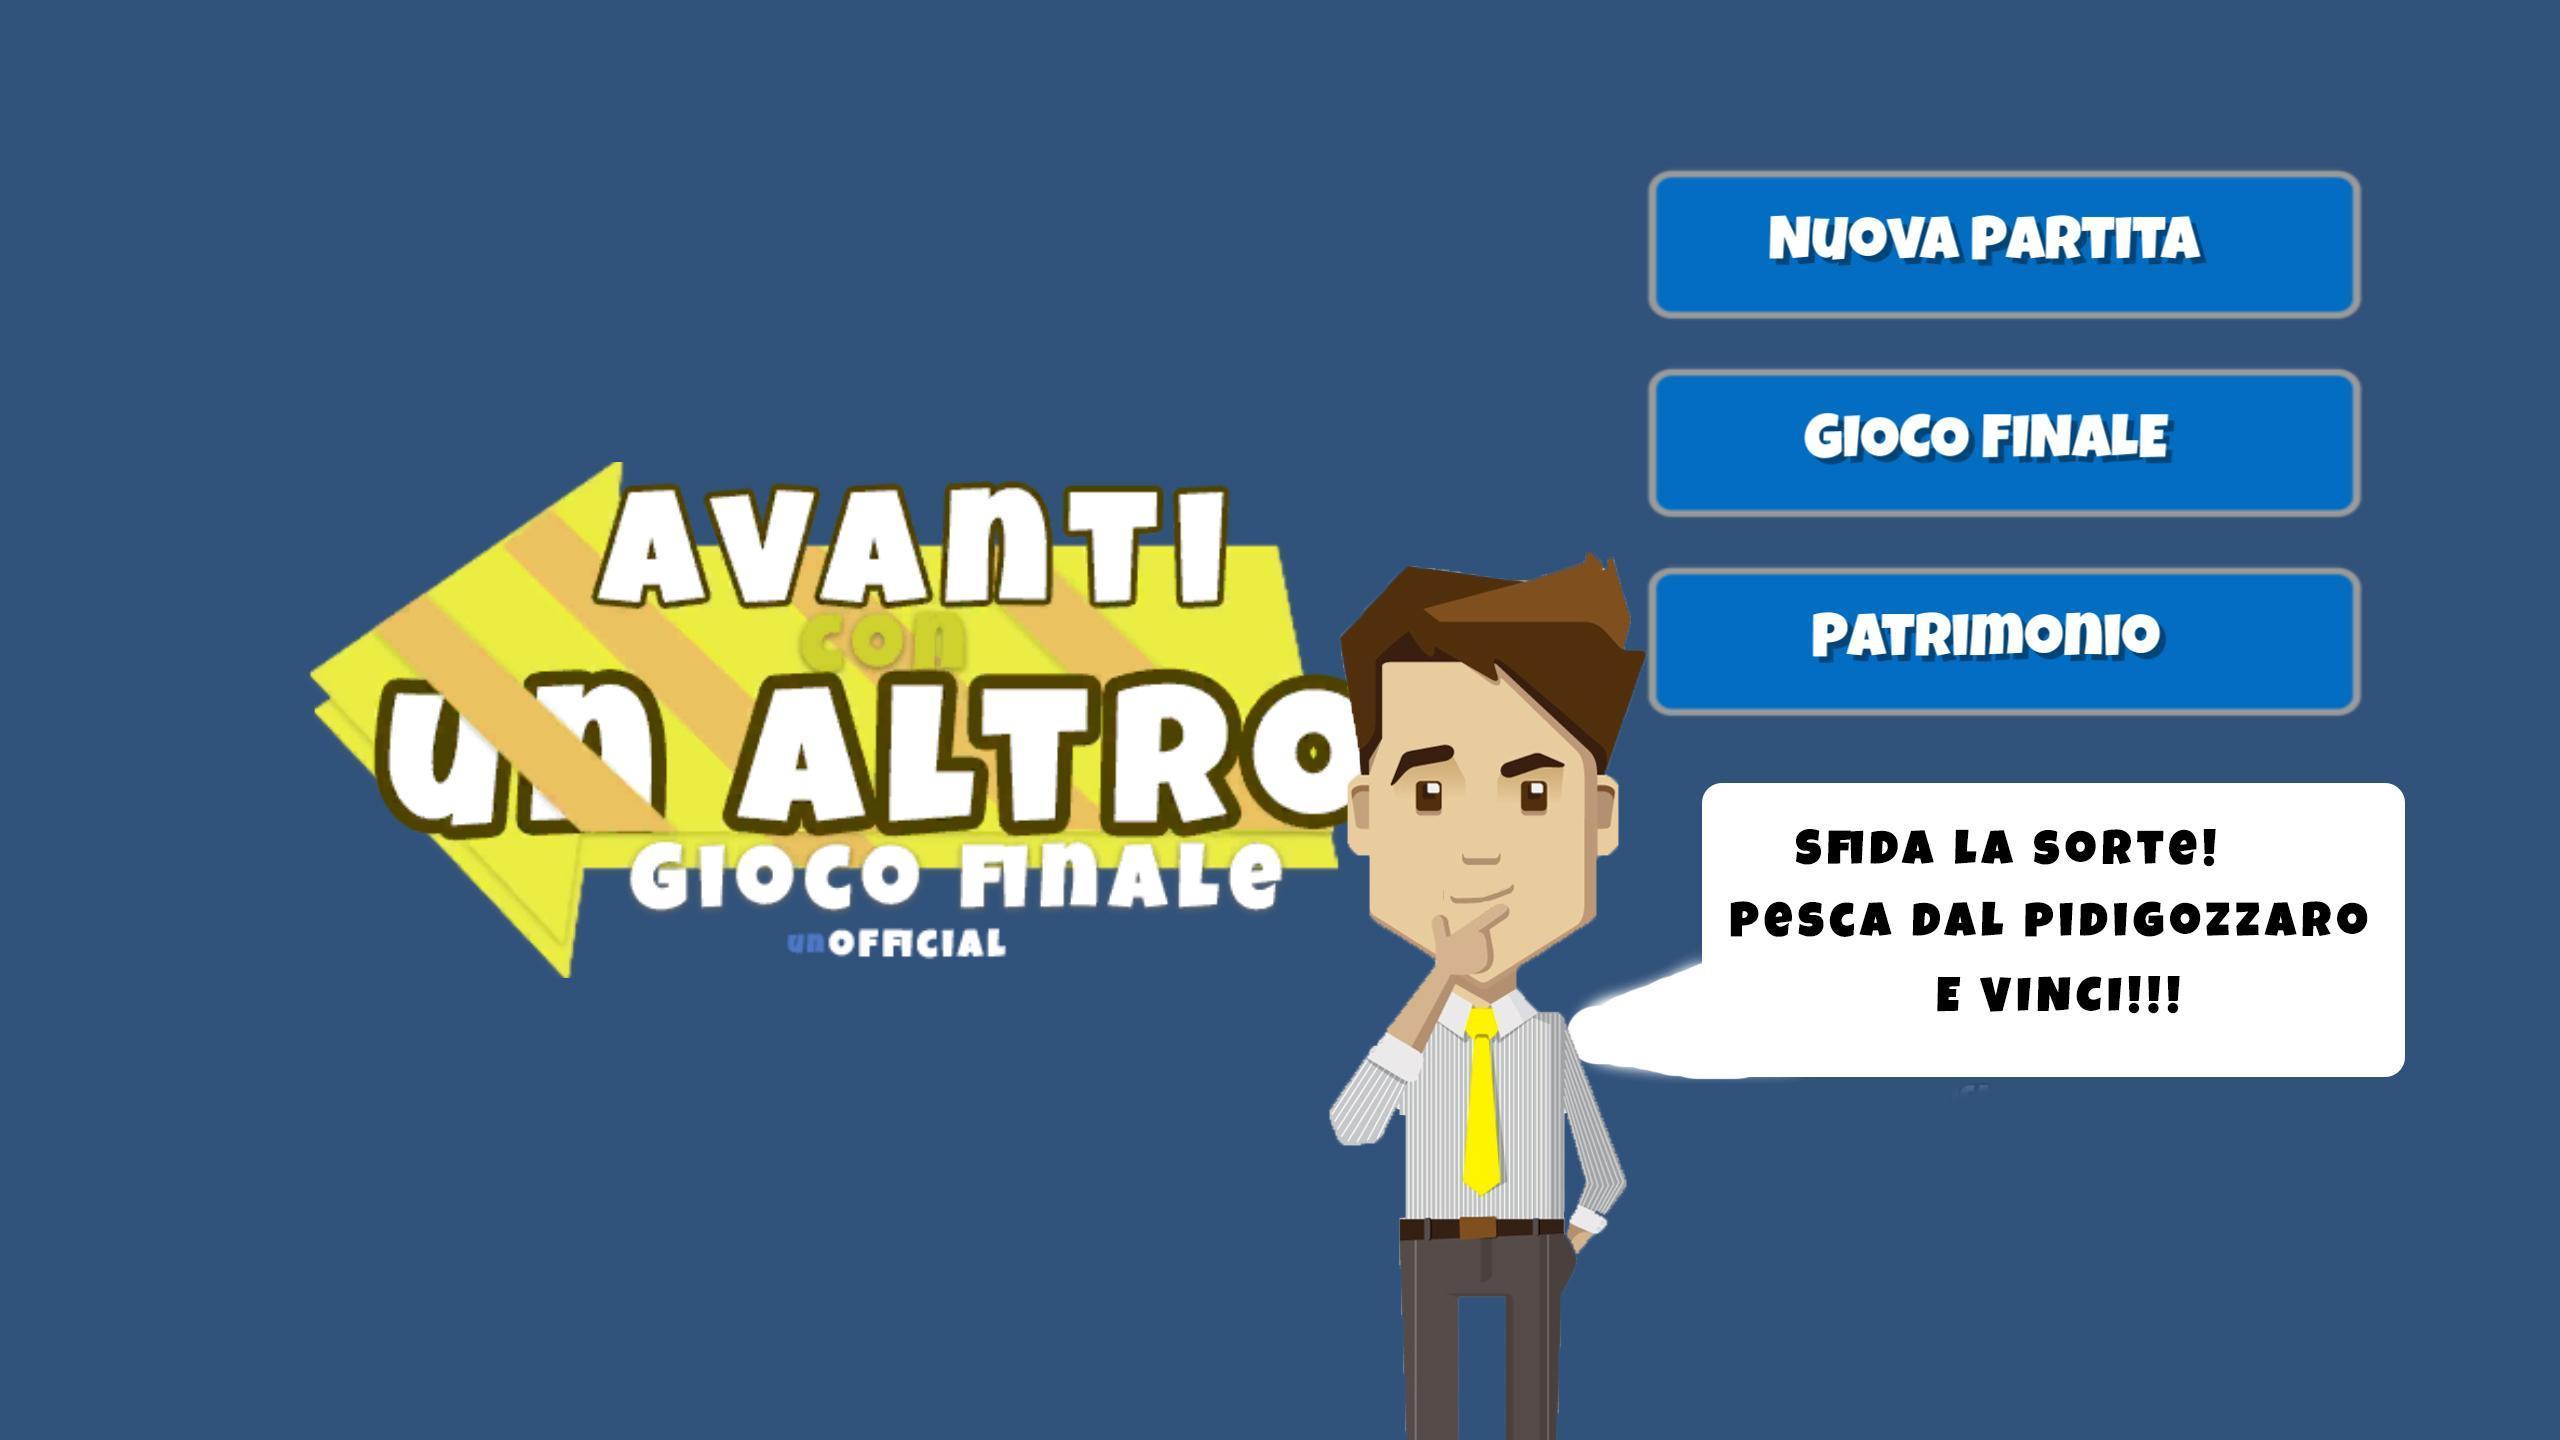 Avanti Con Un Altro - quiz 2020 2 تصوير الشاشة